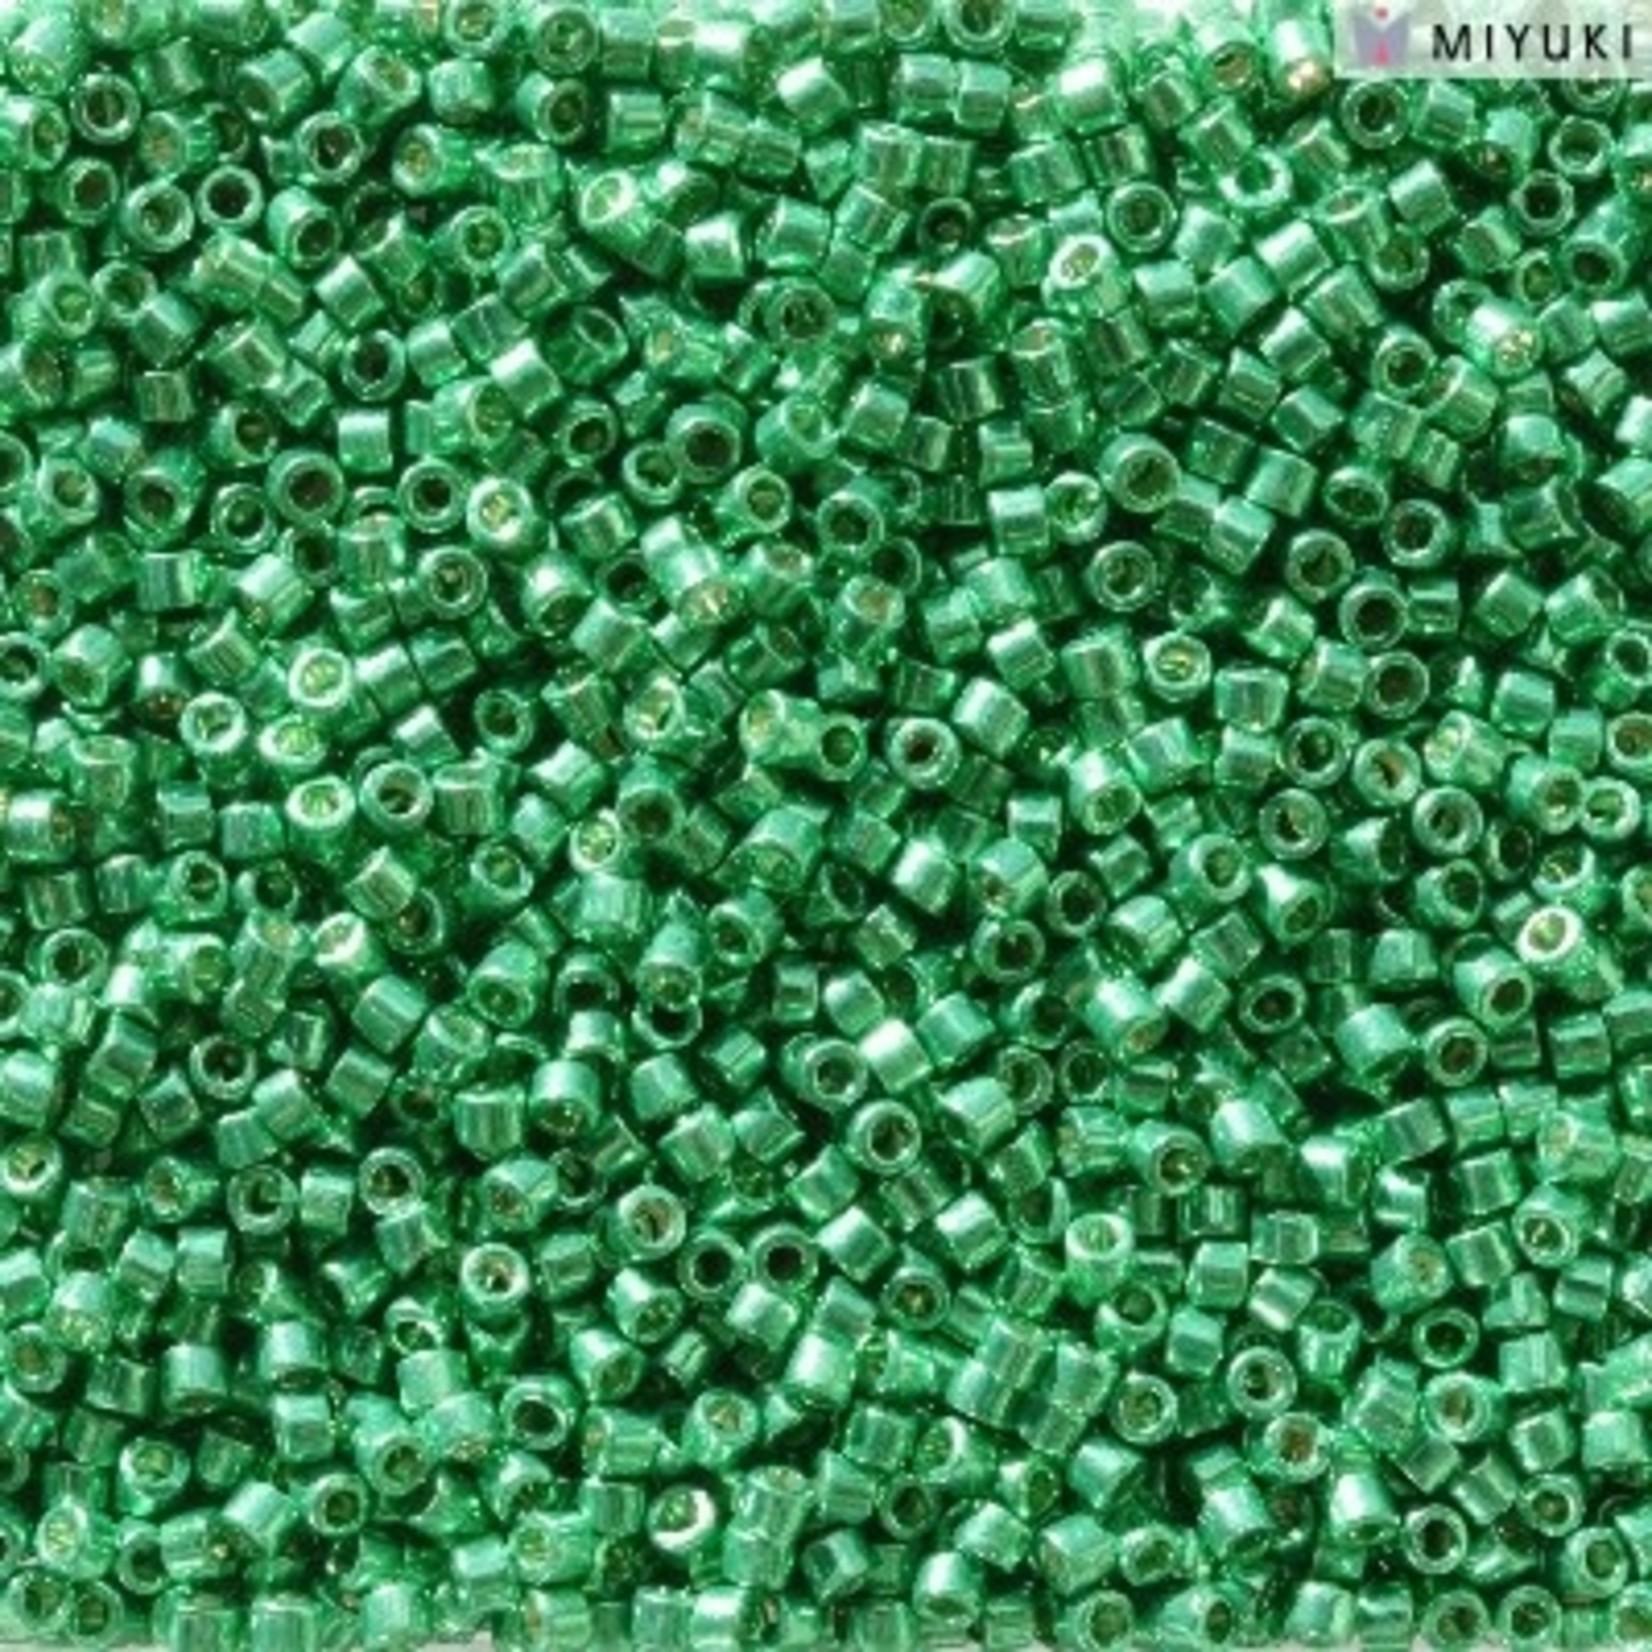 Miyuki 7.2 GM DB2505 11/0 Delica: Dk Mint Green DC GA (APX 1400 PCS)